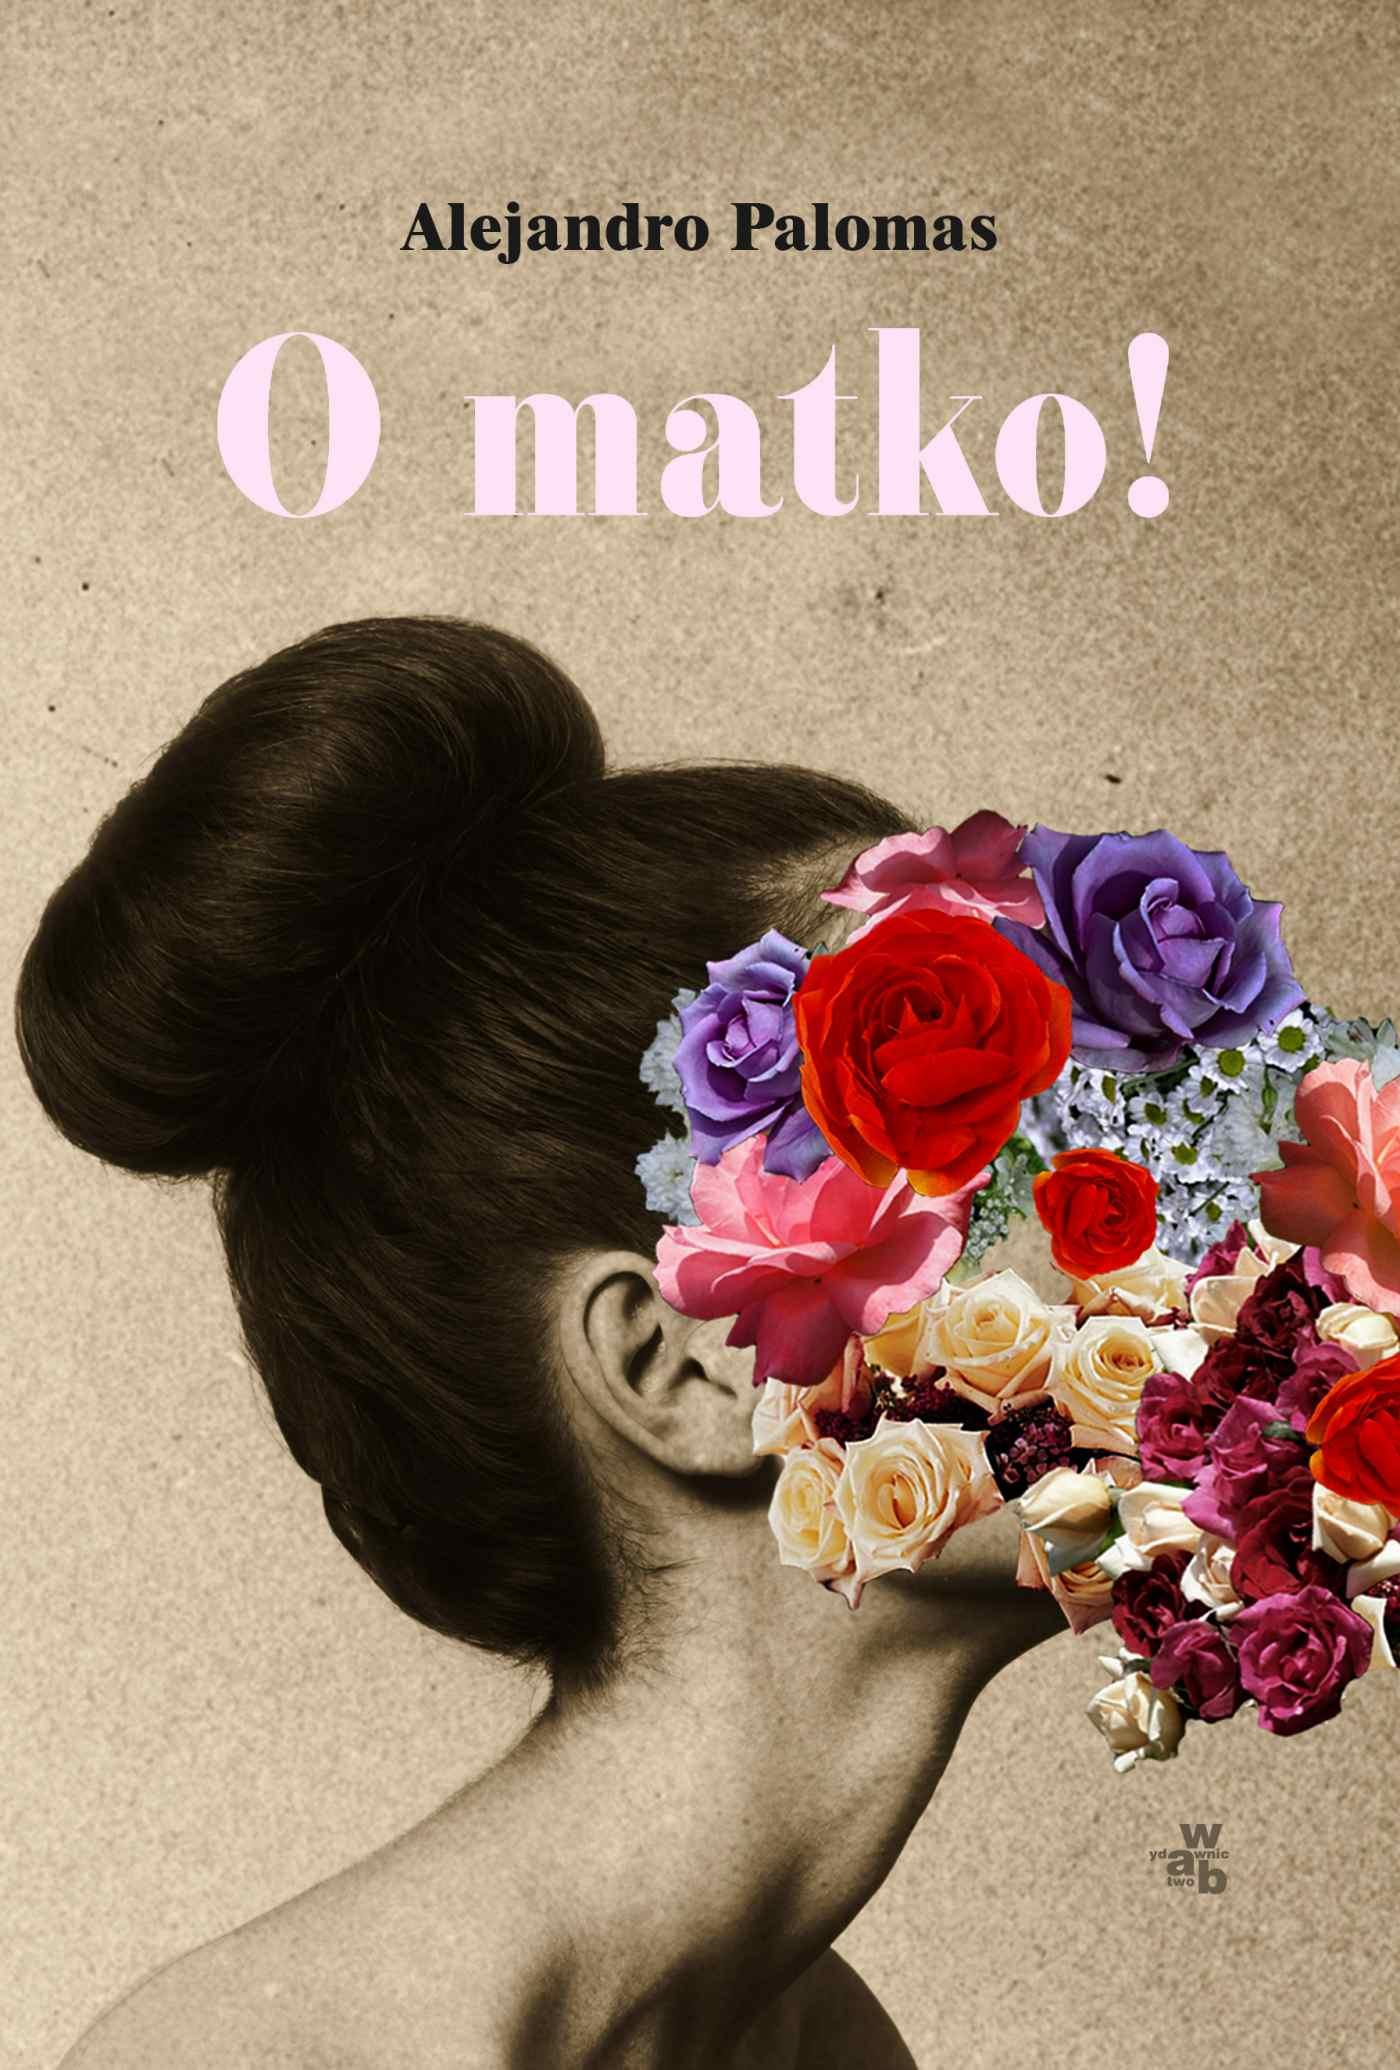 O matko! - Ebook (Książka EPUB) do pobrania w formacie EPUB